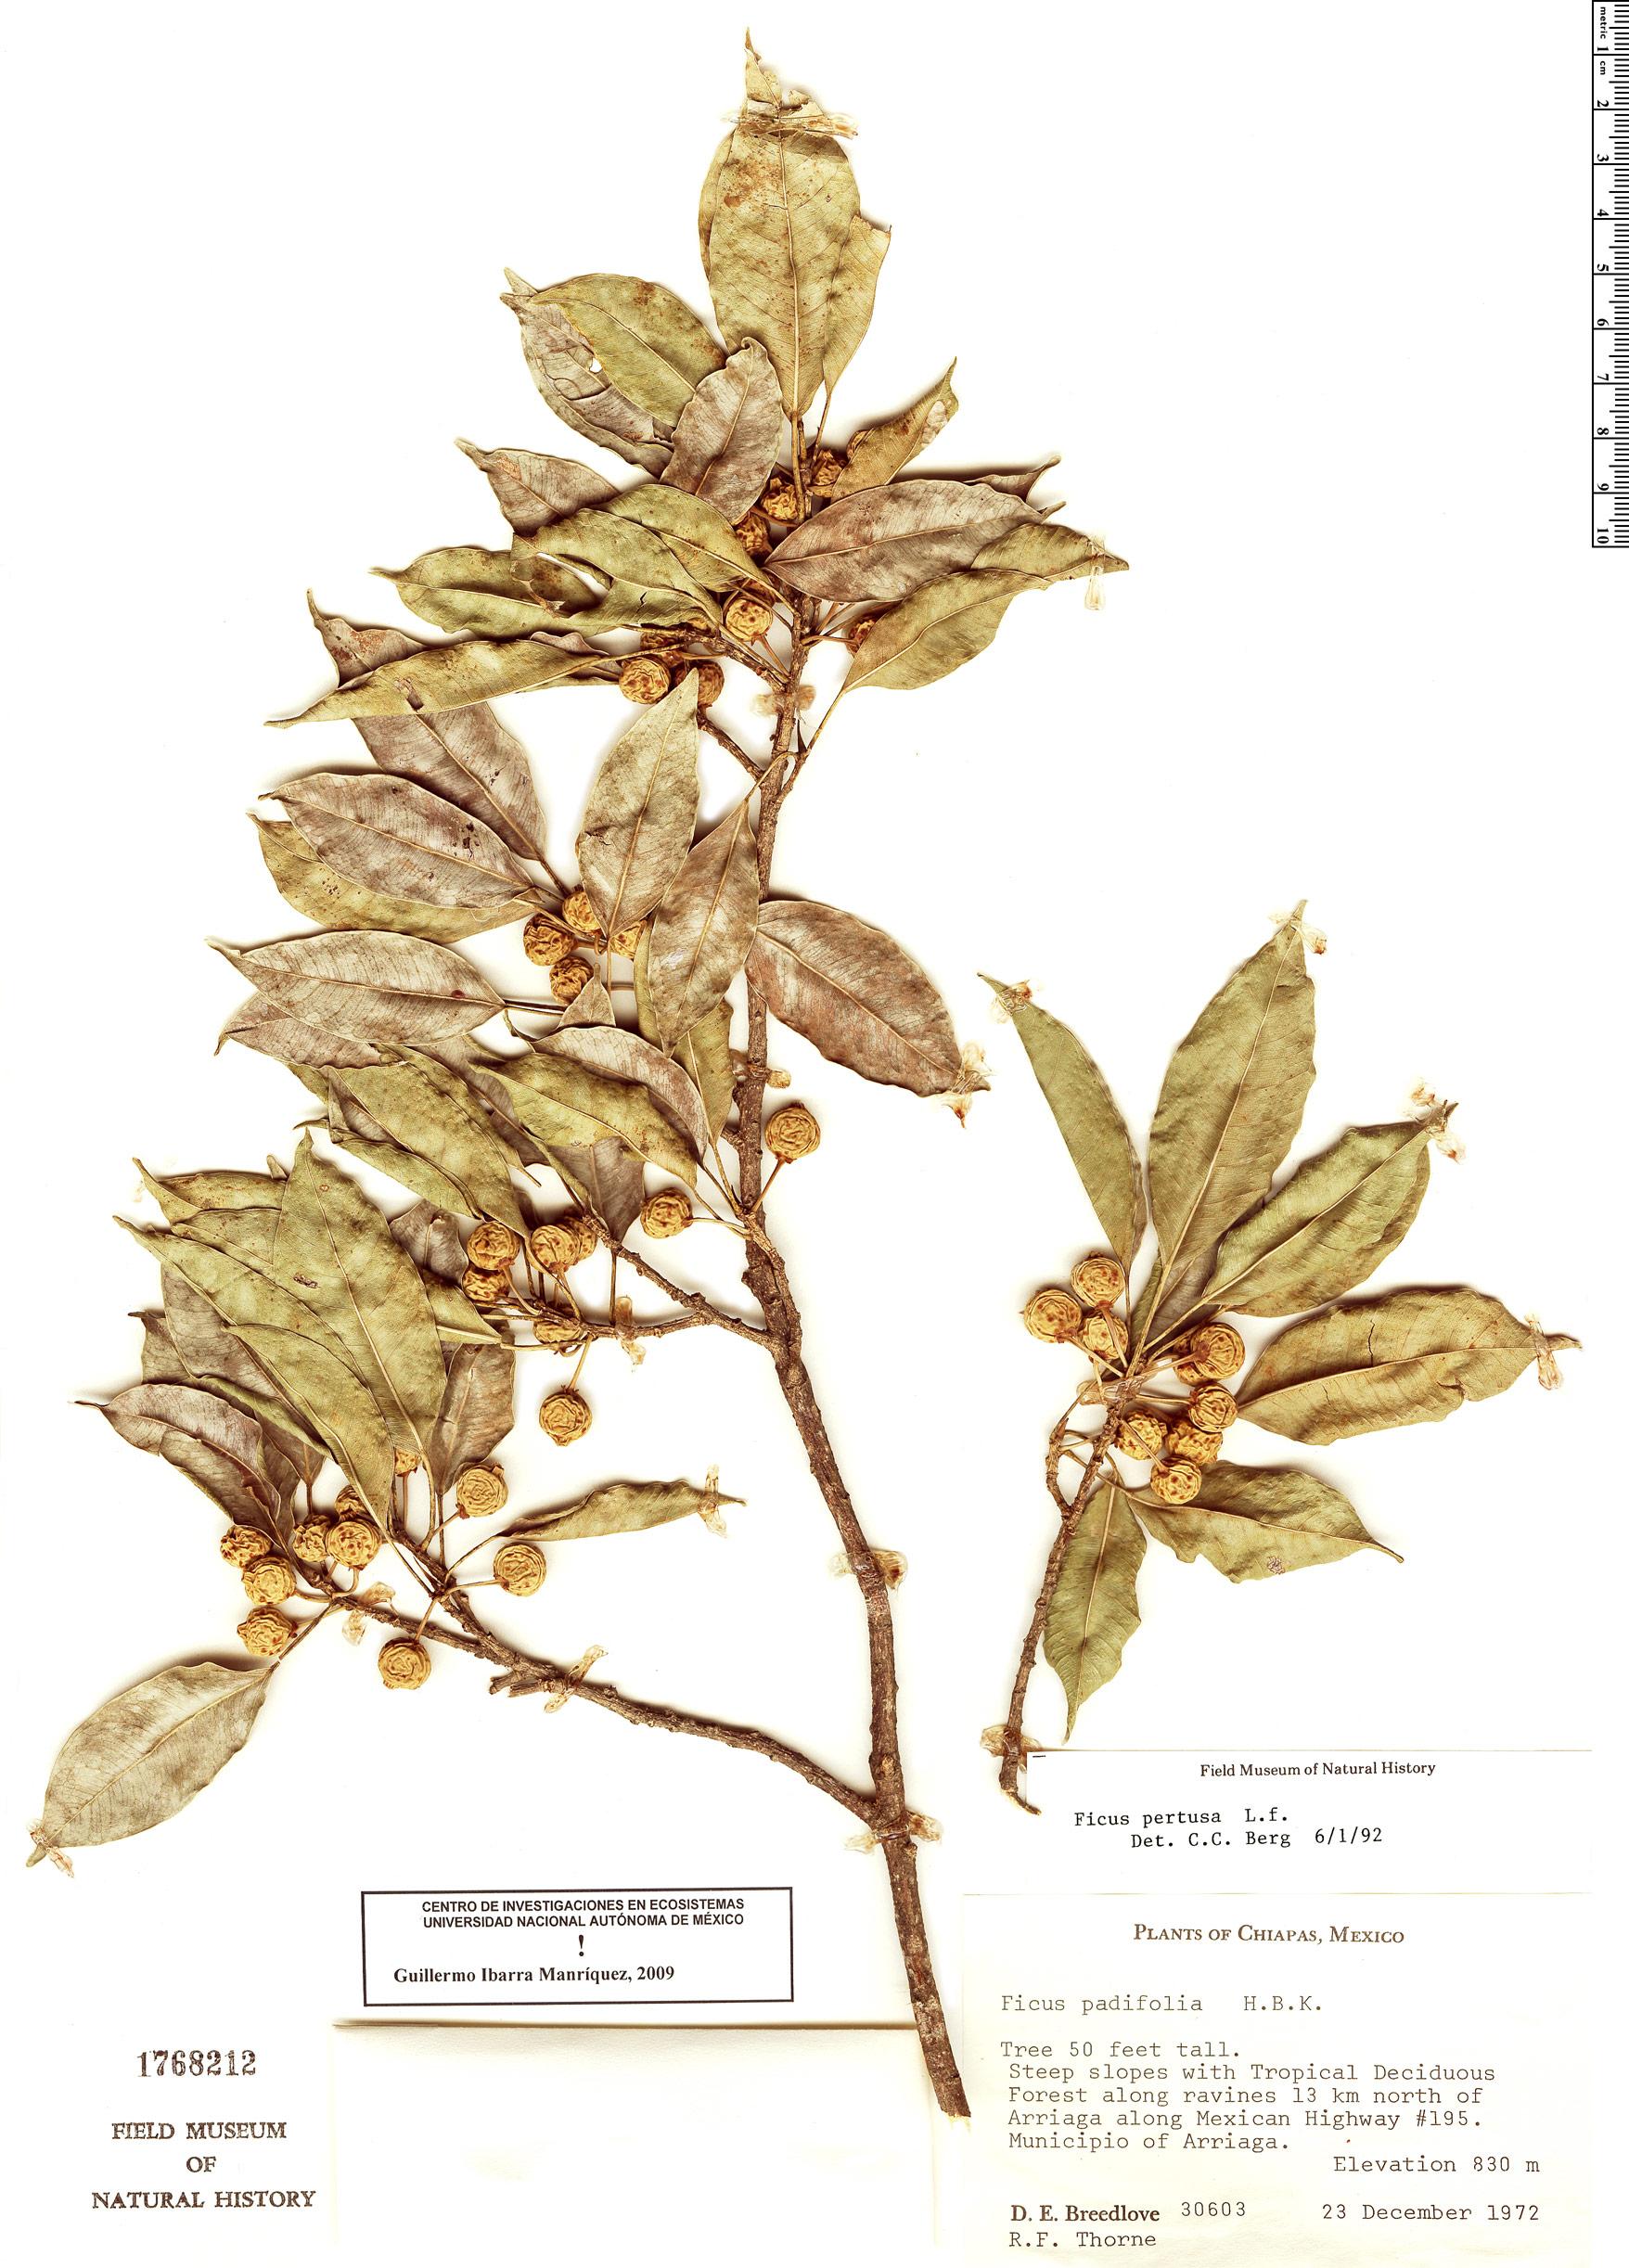 Specimen: Ficus pertusa